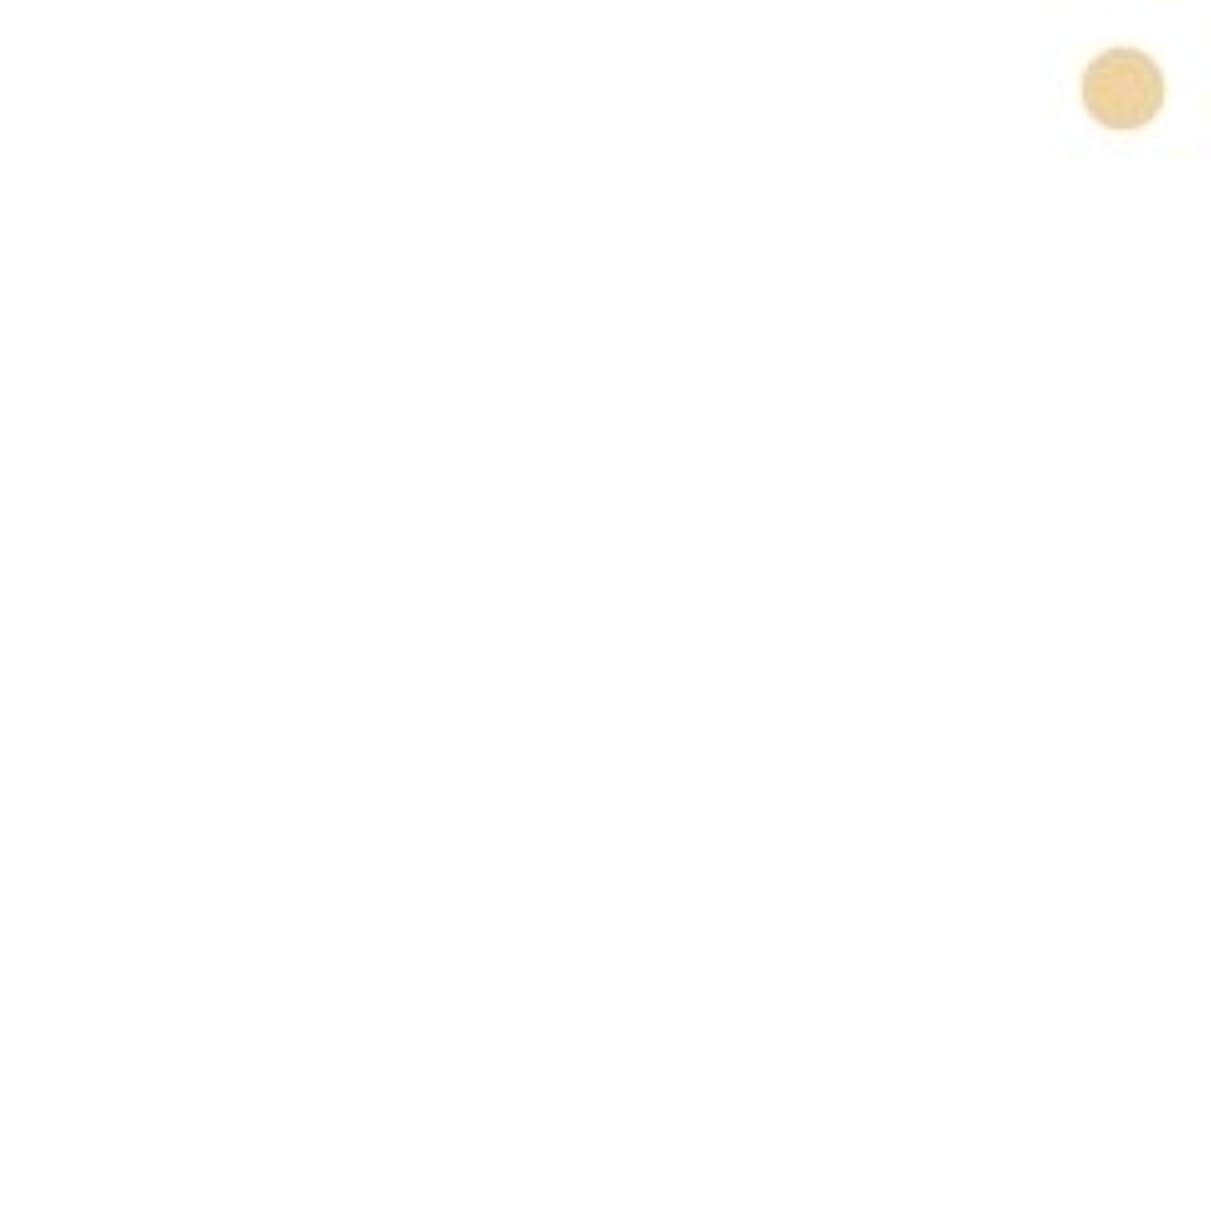 程度補う【カバーマーク】ジャスミーカラー パウダリーファンデーション #YP10 (レフィル)